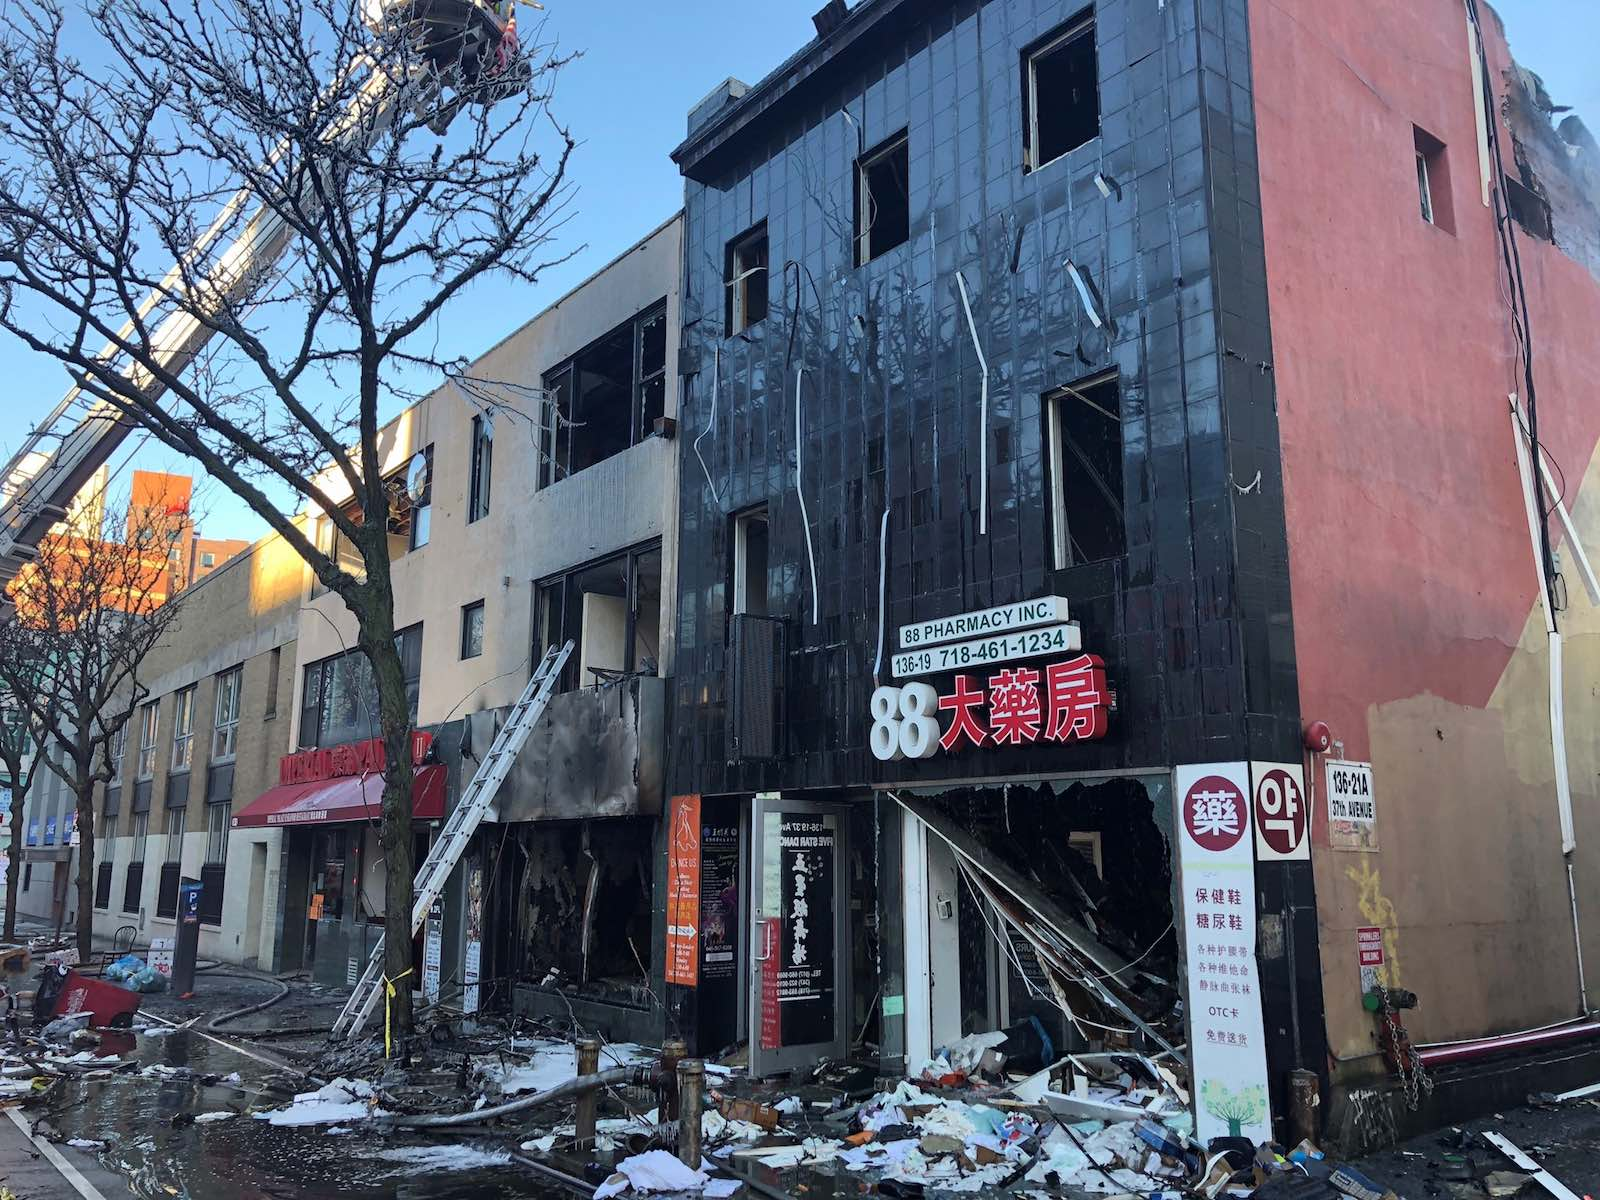 Scene of a massive seven-alarm fire in Queens